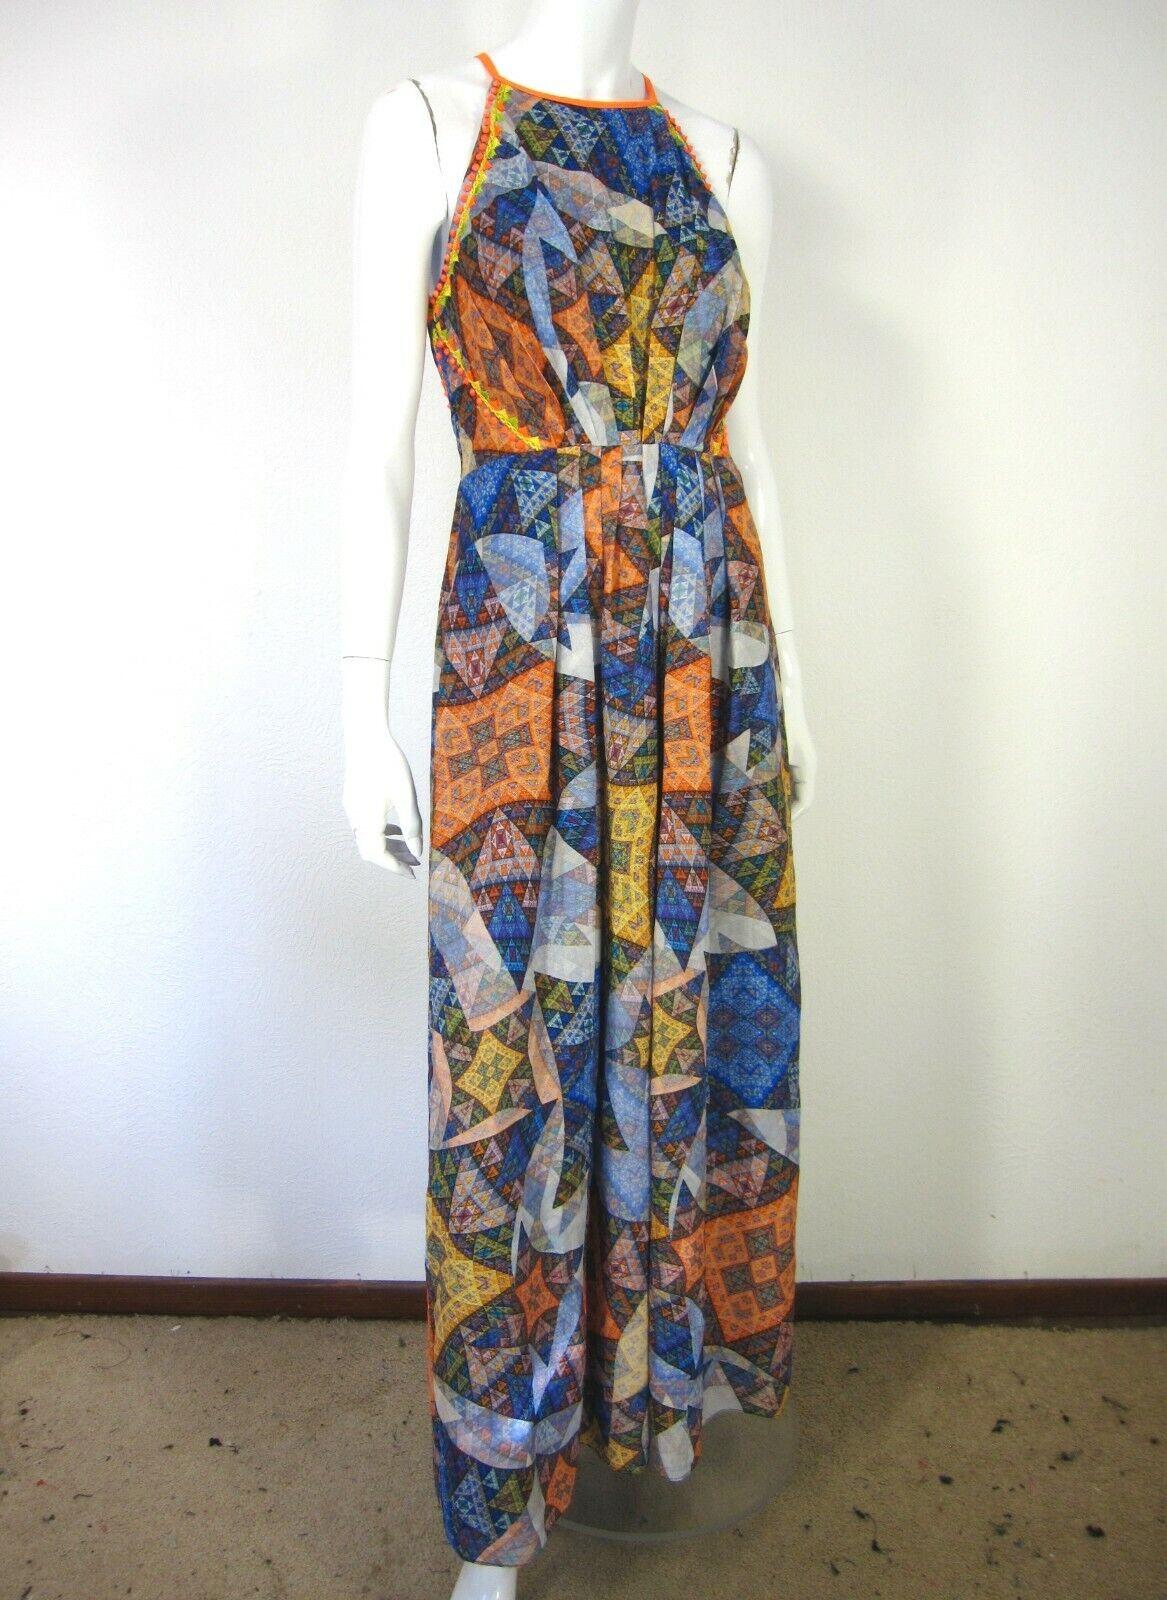 Anthropologie RANNA GiLL SLEEVELESS HALTER Neckline DRESS M MEDIUM Blau Orange N